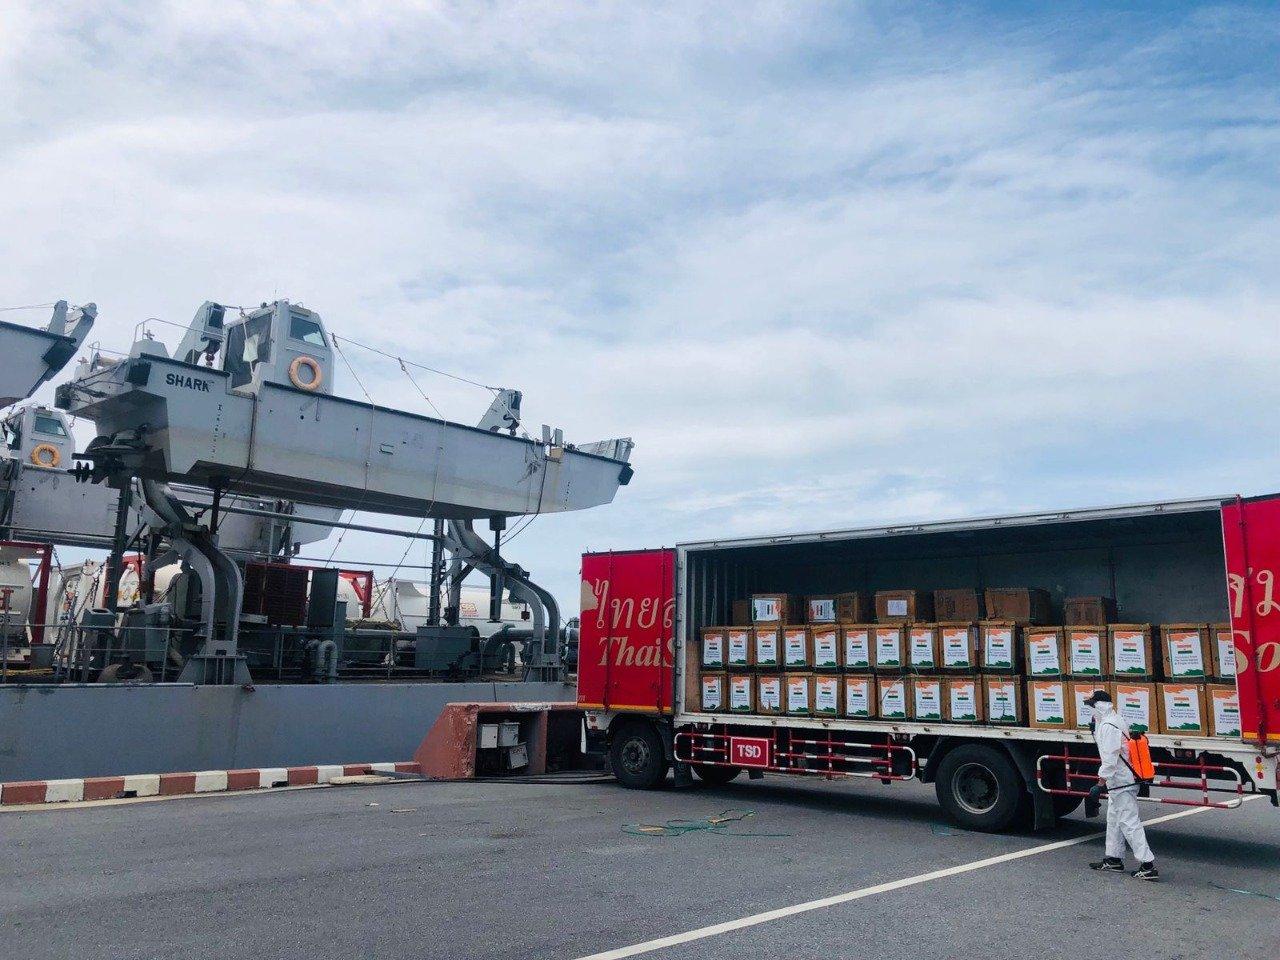 मिशन सागर: आईएनएस ऐरावत कोविड राहत आपूर्ति के साथ थाईलैंड पहुंचा